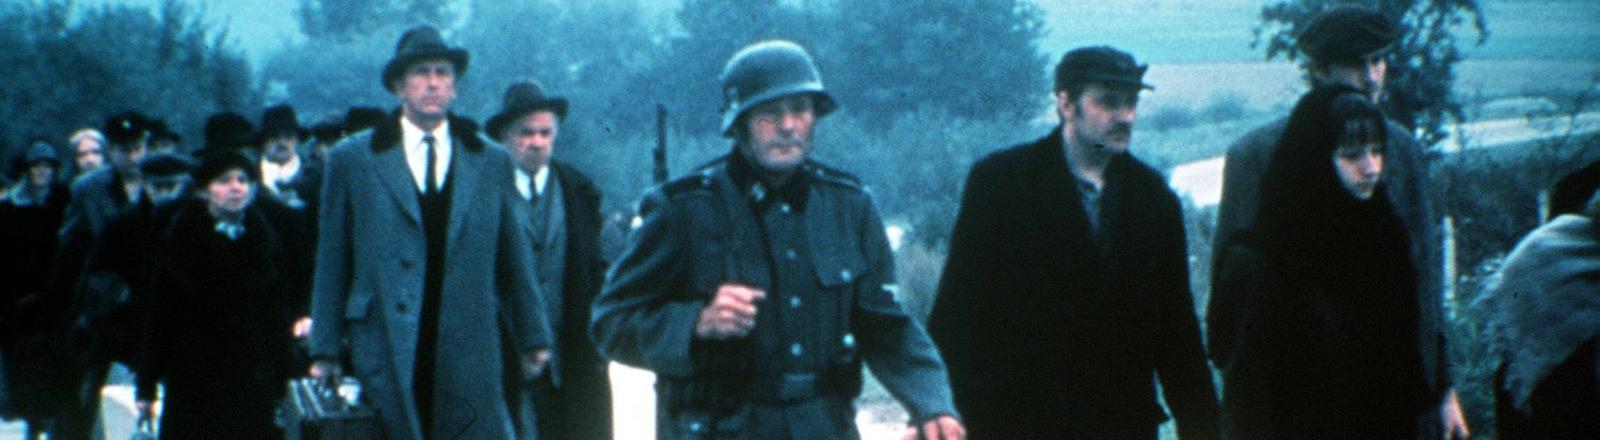 Eine Filmszene aus der US-amerikanischen TV-Serie Holocaust.